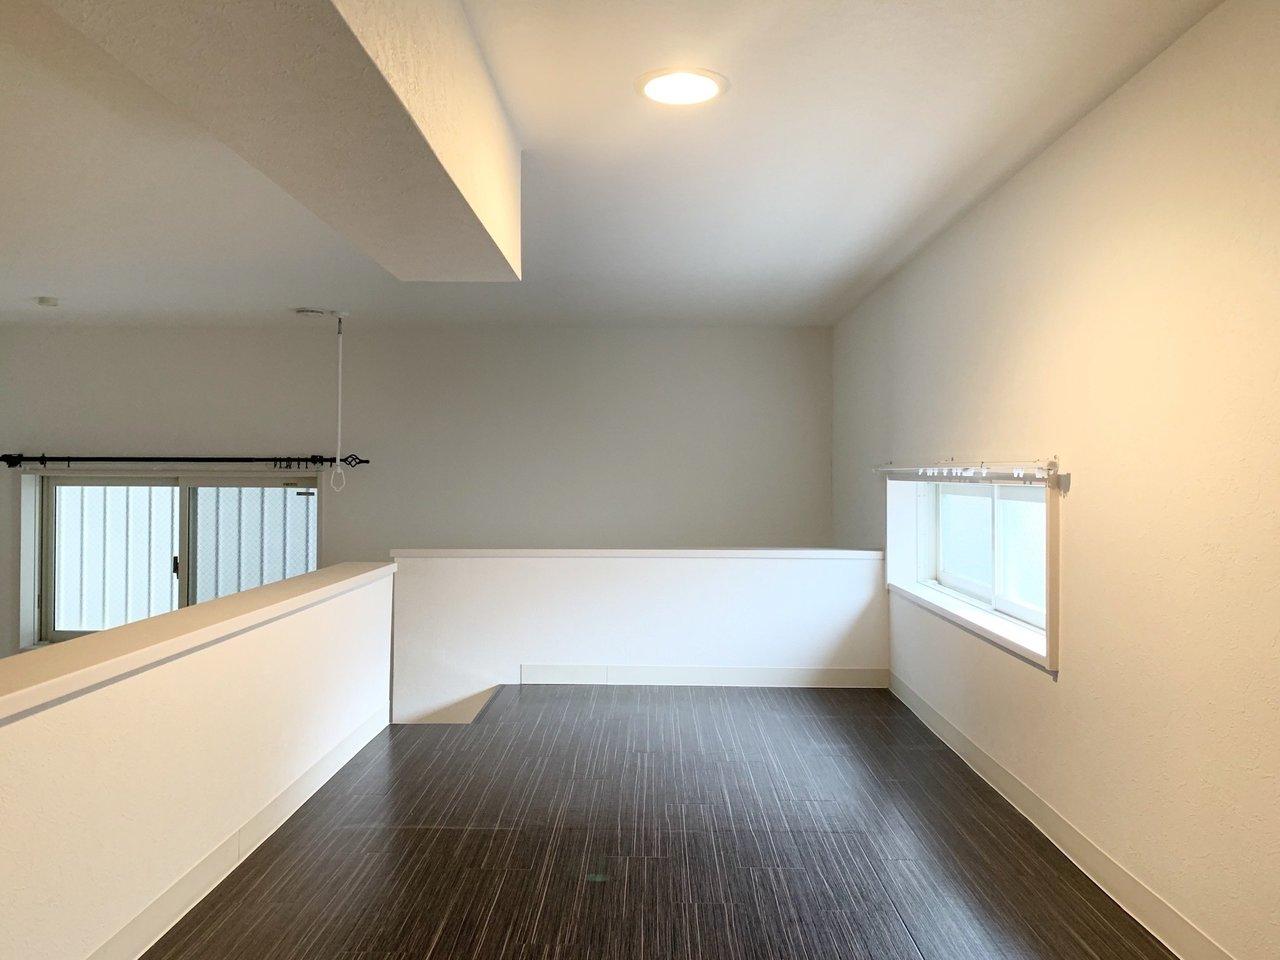 ロフトはこんな感じ。窓もあって明るくていいですね。壁に囲われているわけではないので、とても開放感があります。